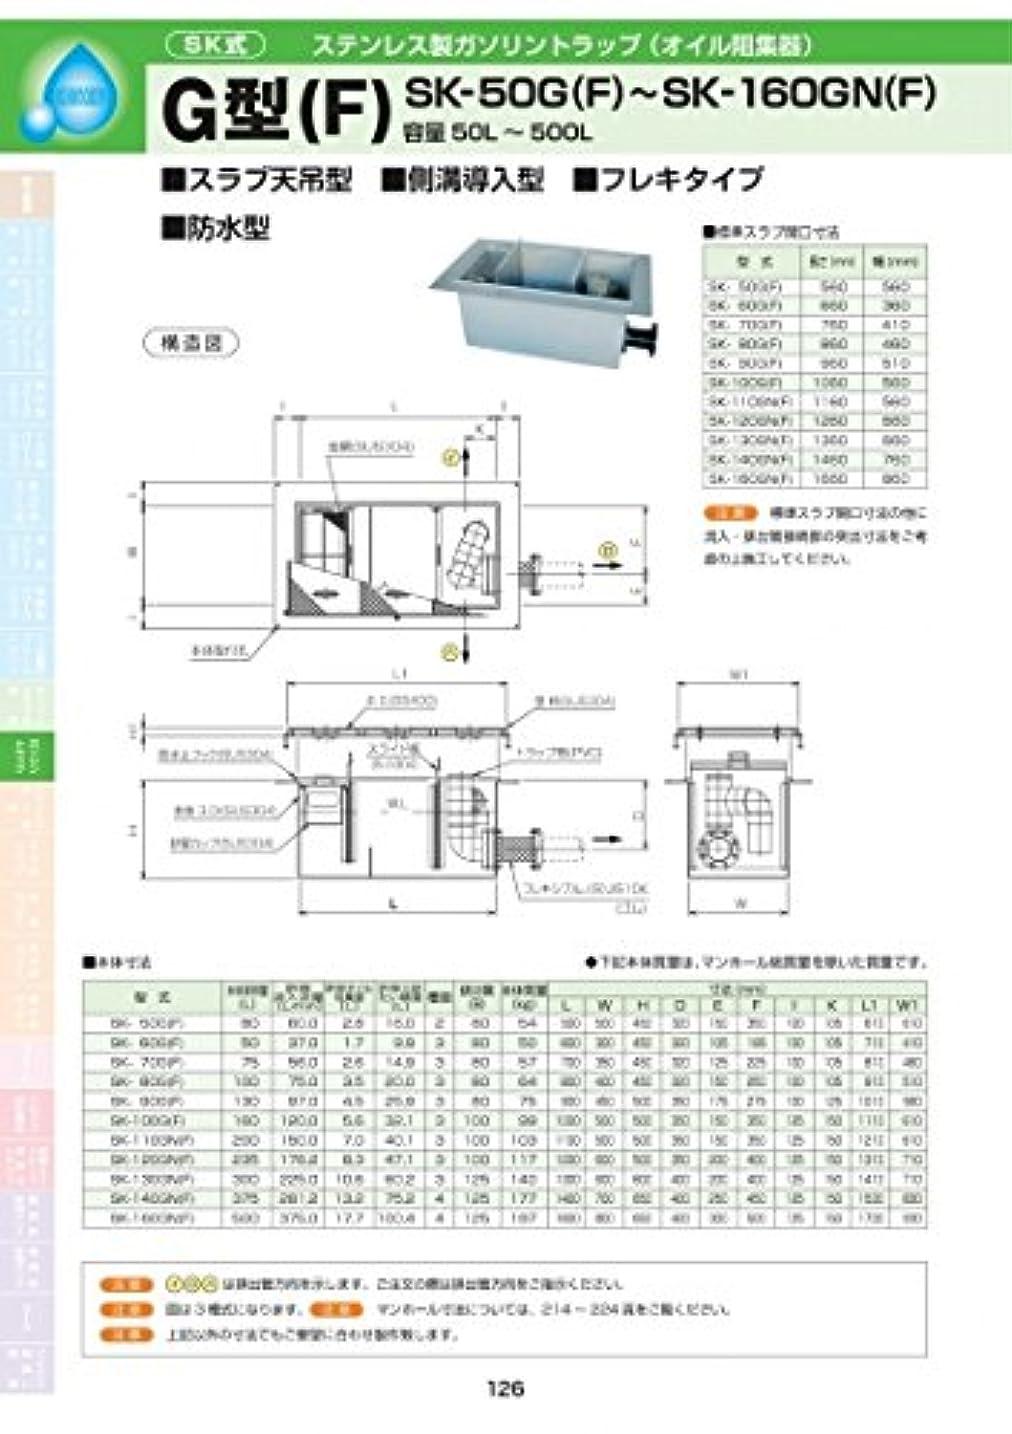 アブセイレイア対応するG型(F) SK-160GN(F) 耐荷重蓋仕様セット(マンホール枠:ステンレス / 蓋:SS400) T-6